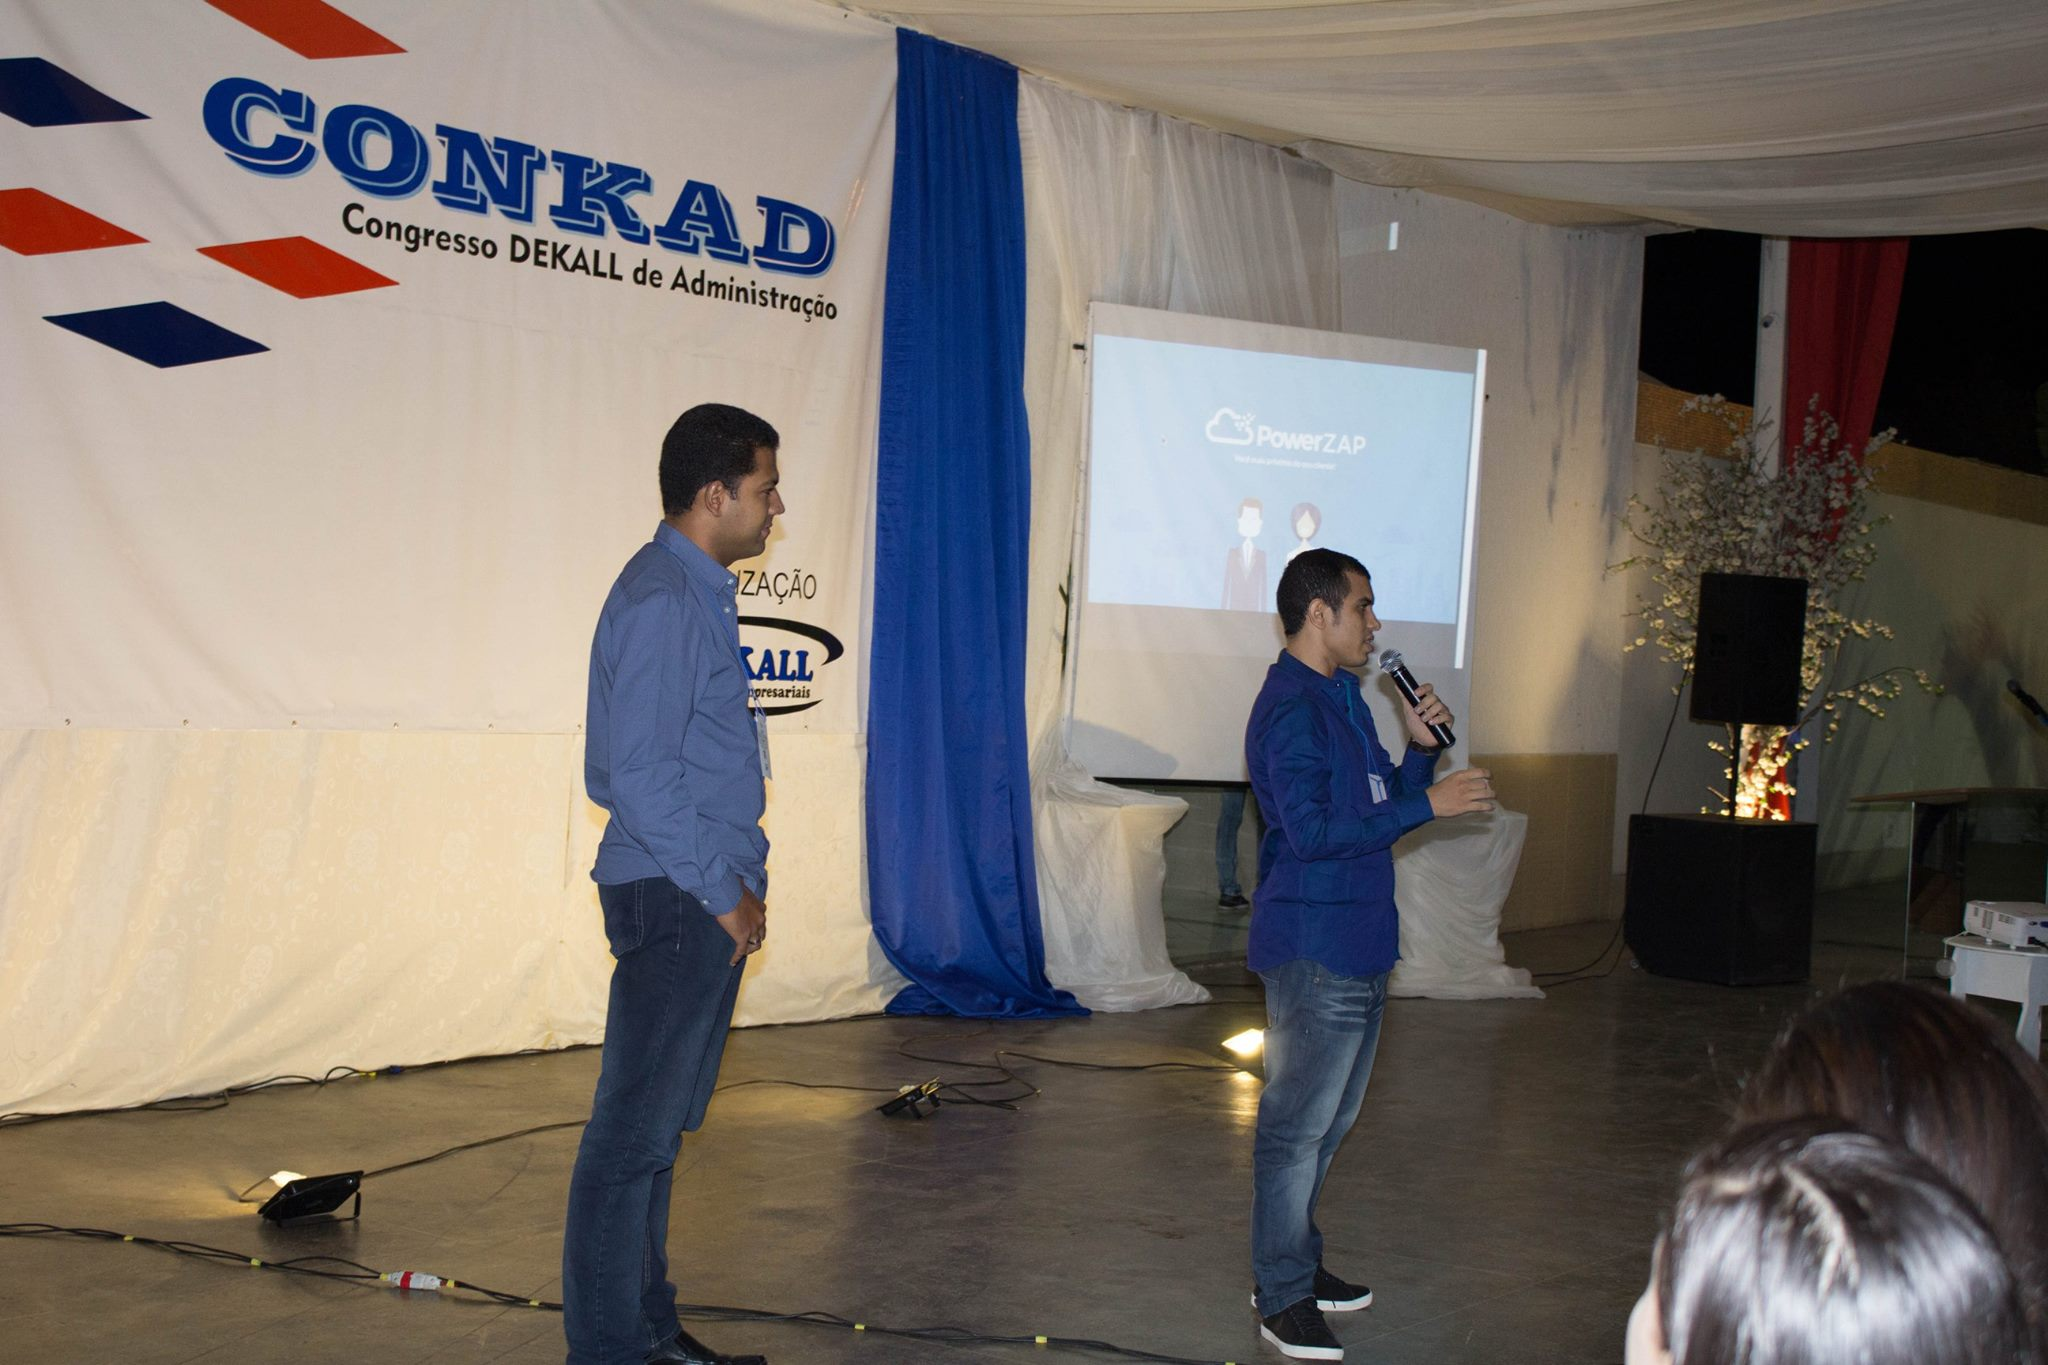 Huggy participa do Conkad:  Congresso regional de administração.